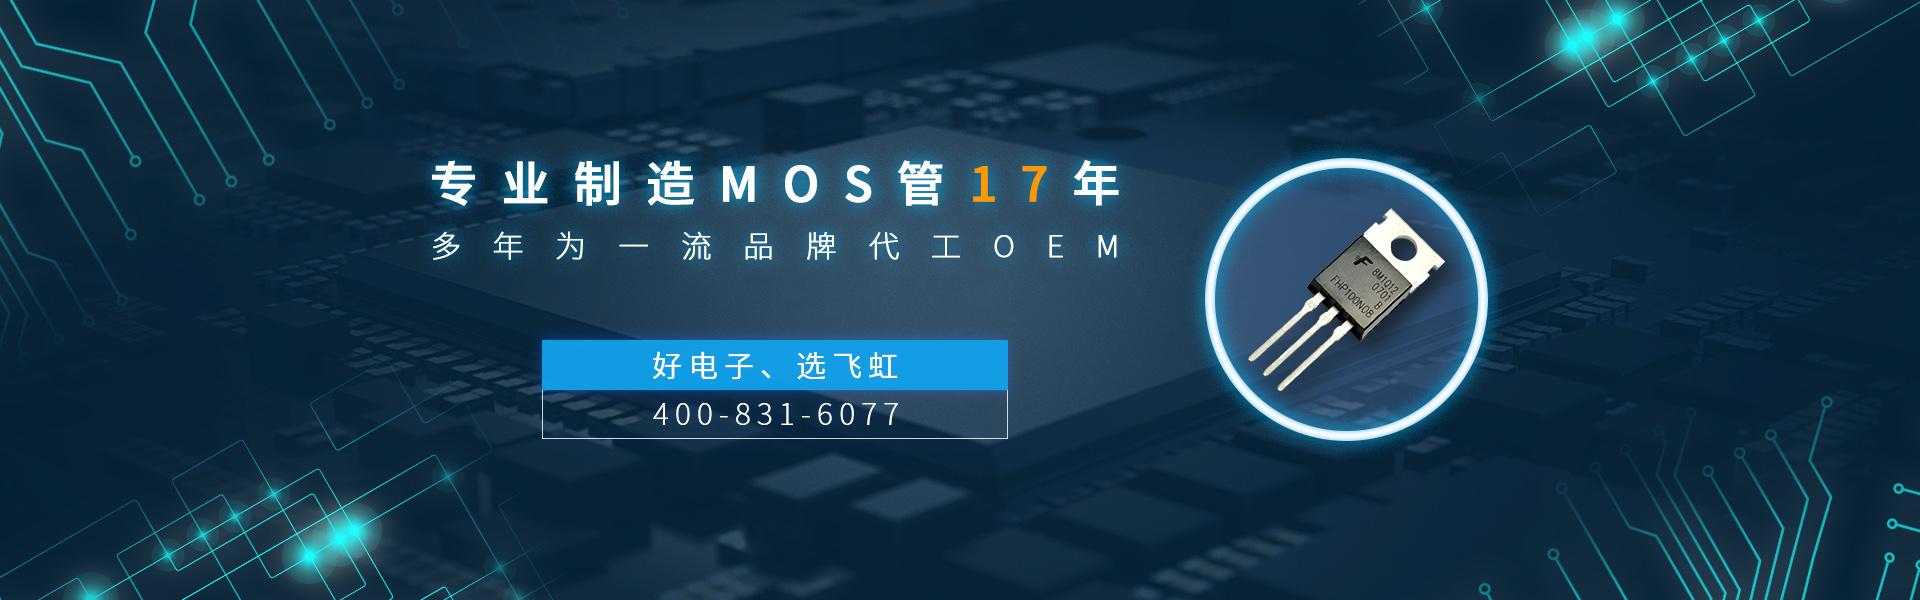 广州mosguan厂jia找竞cai网zhan电子,17年专业制造jing验